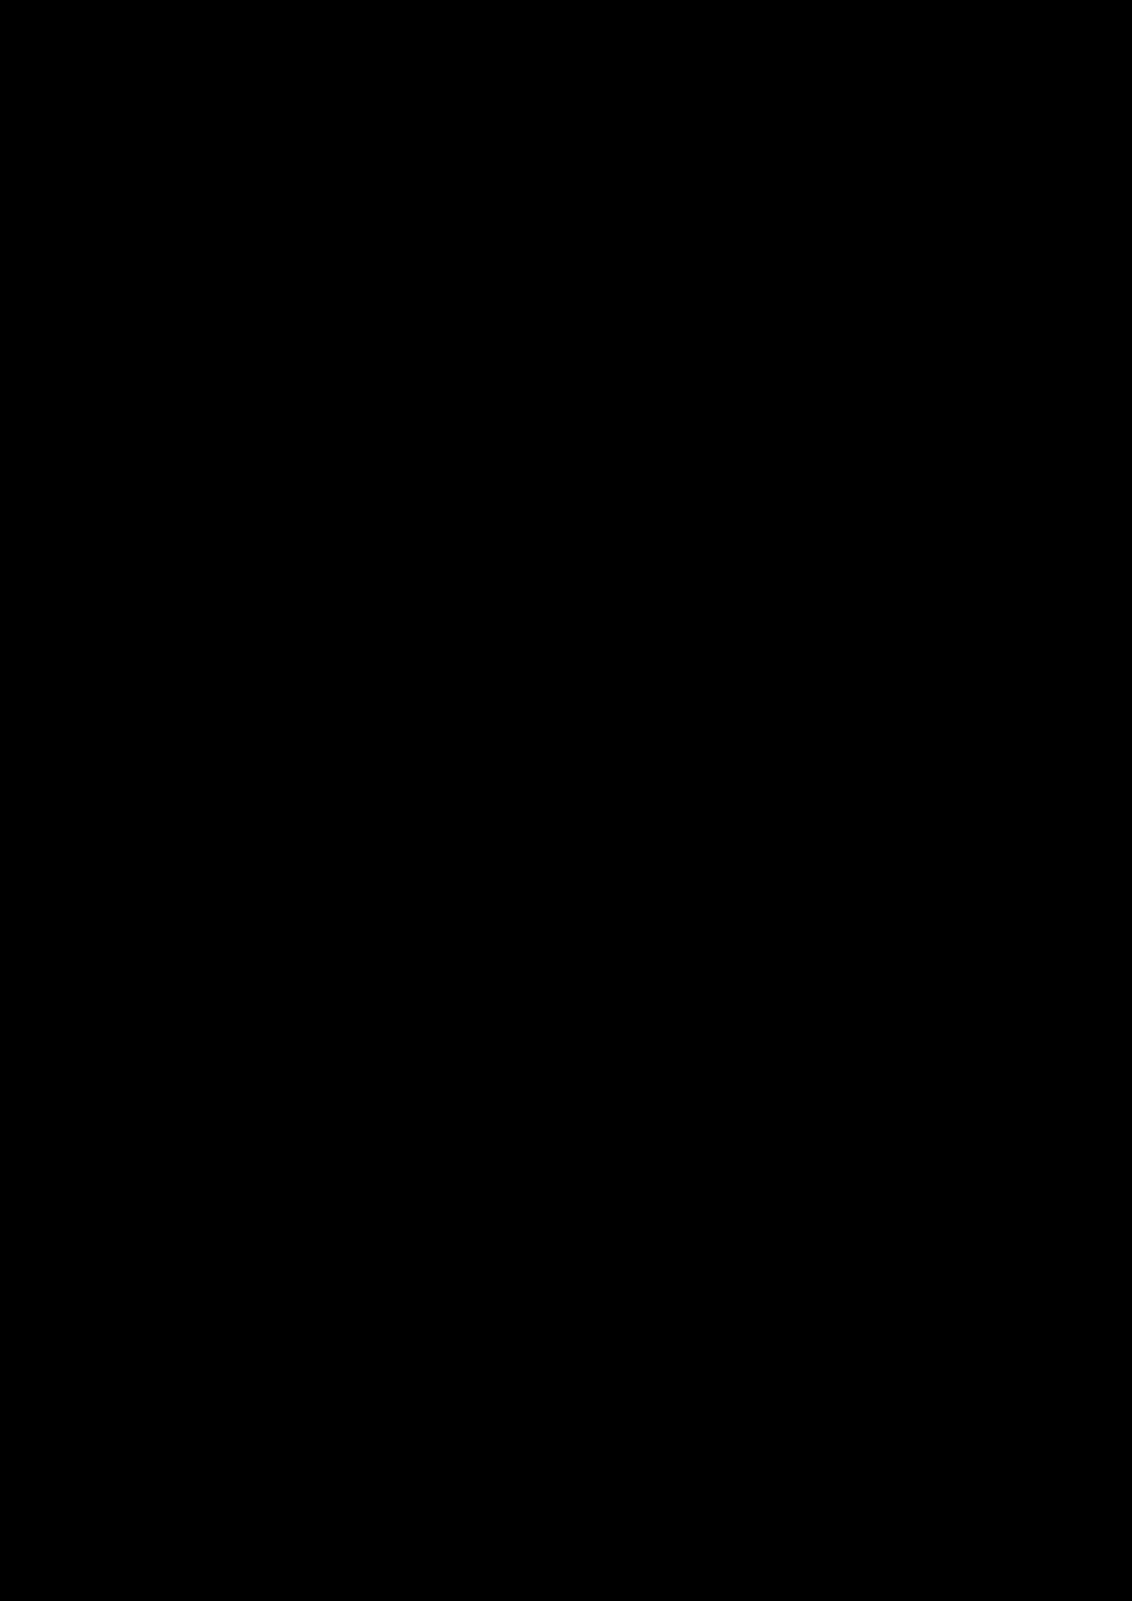 Serdtse slide, Image 22